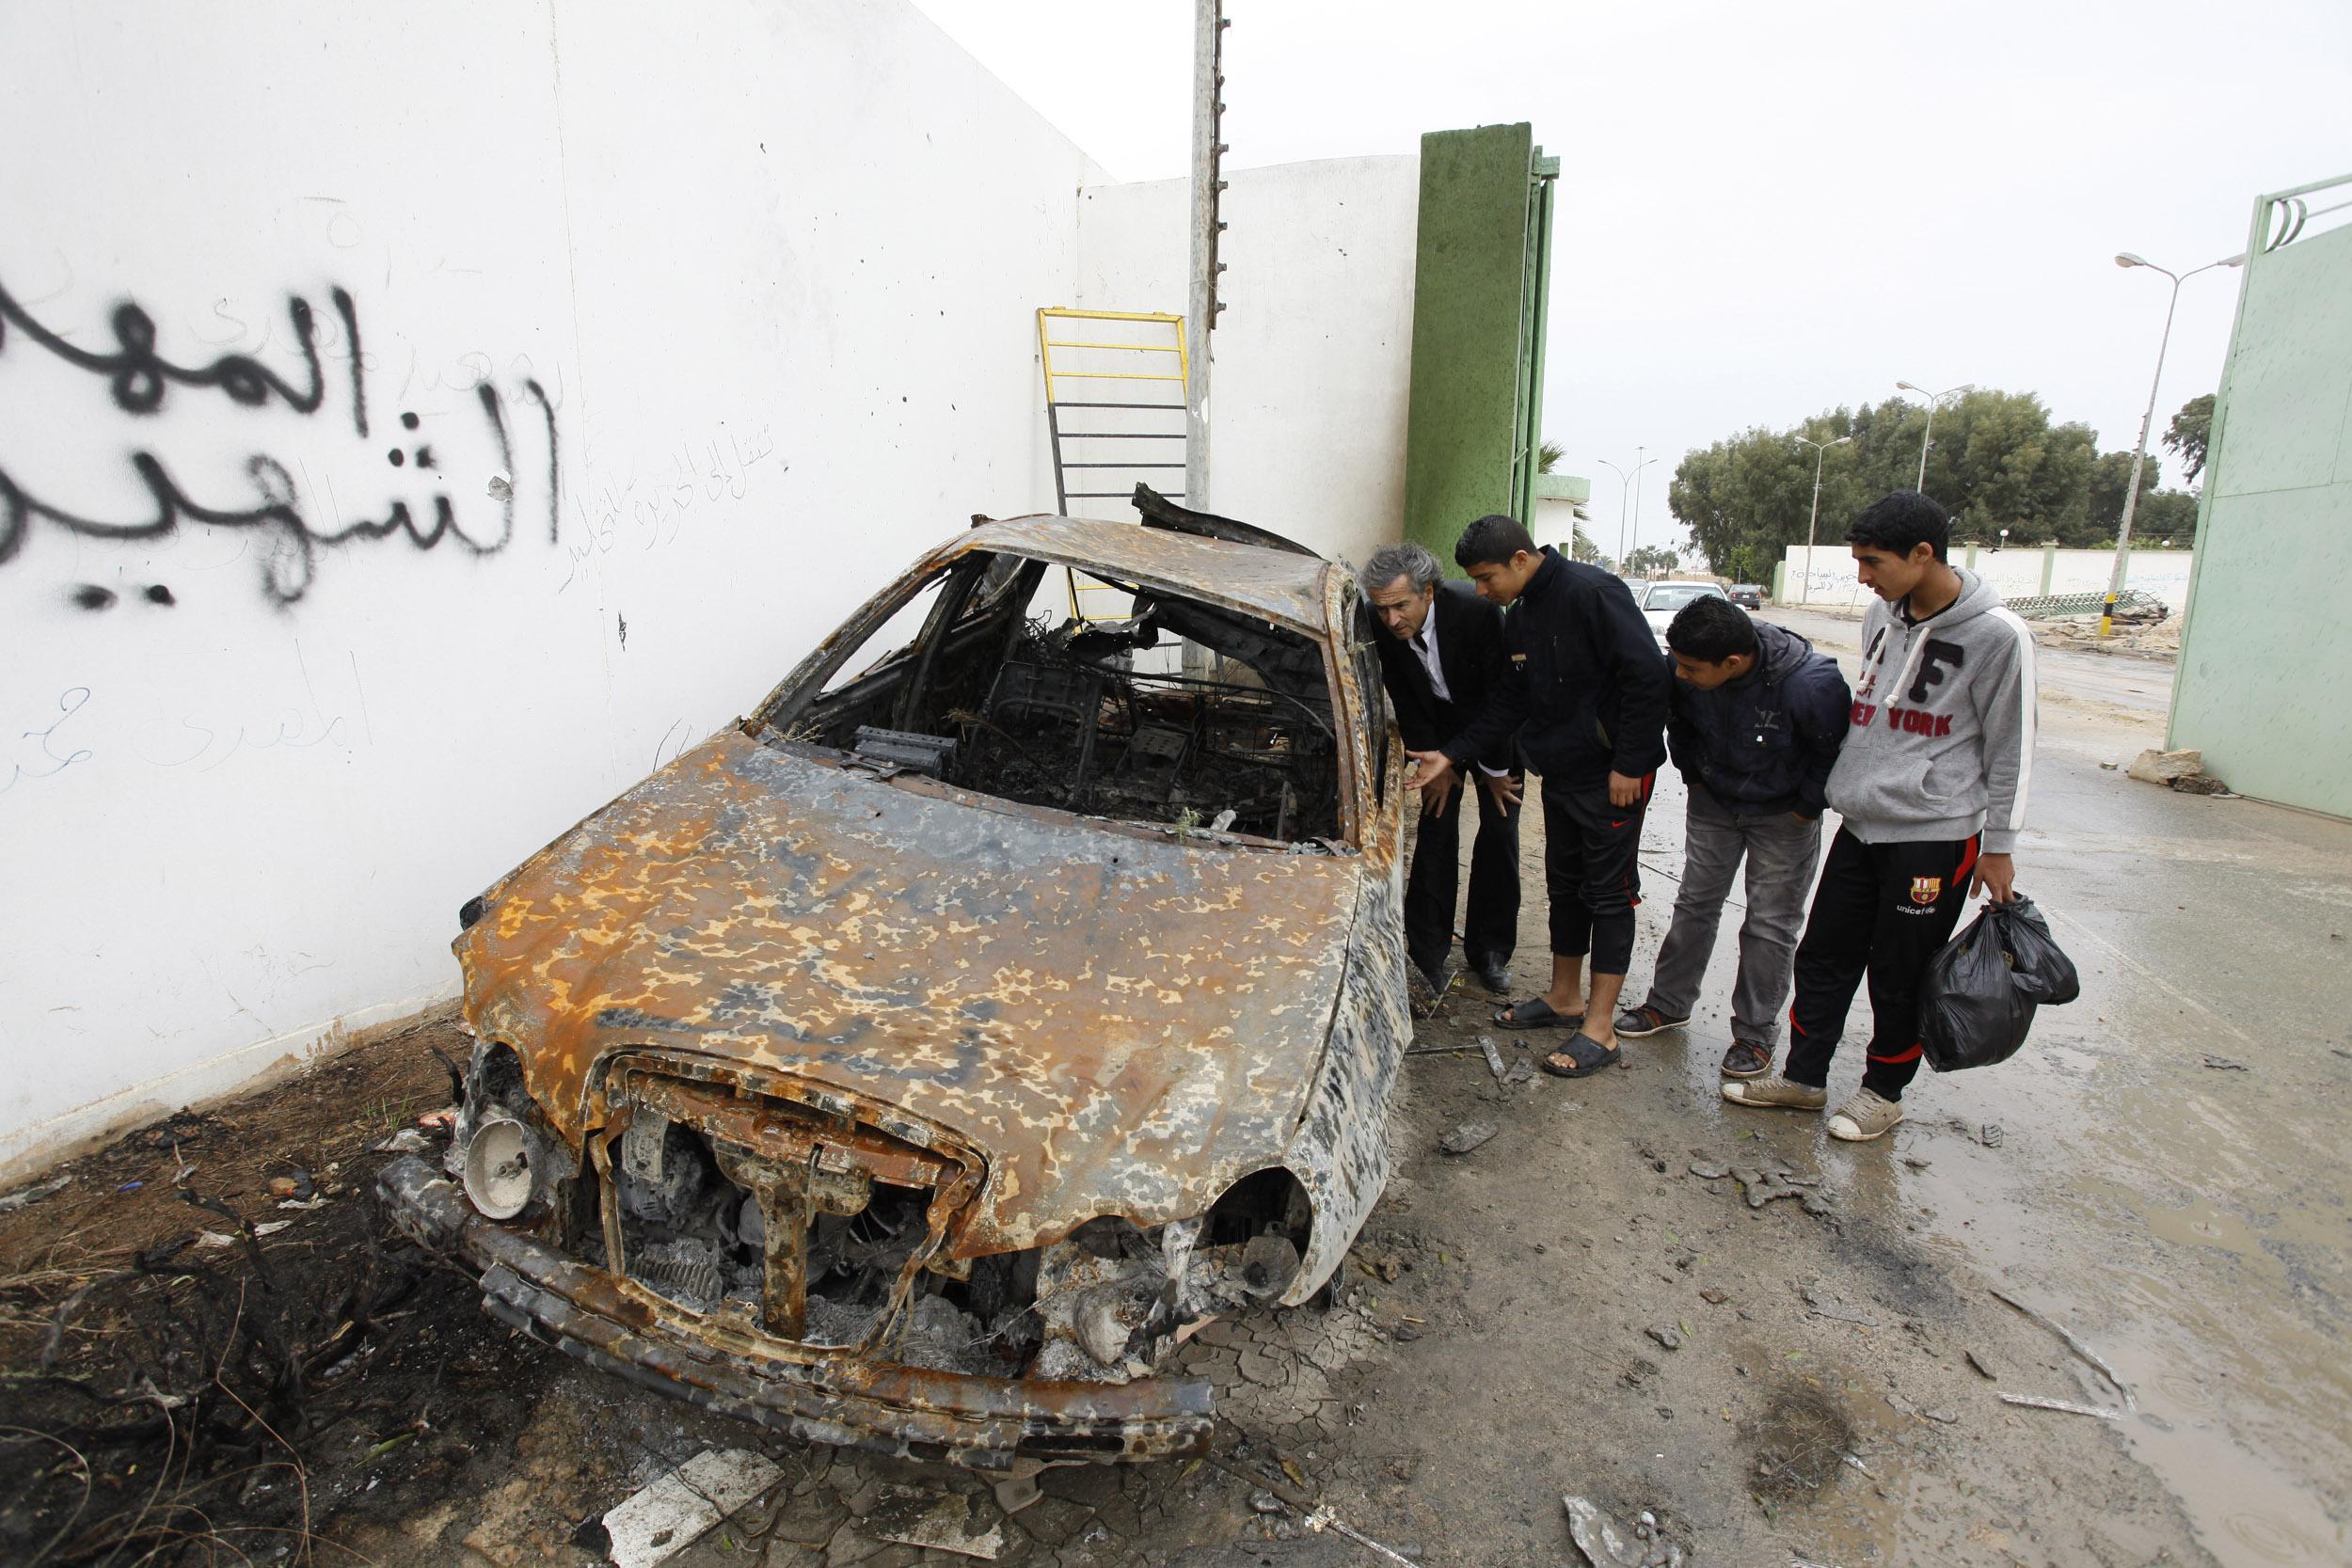 La voiture de Mr Ziou, le martyr qui a fait sauter le portail de la caserne de Benghazi, permettant de libérer la ville par son sacrifice. Bernard-Henri Lévy et des jeunes libyens. Photo Marc Roussel.